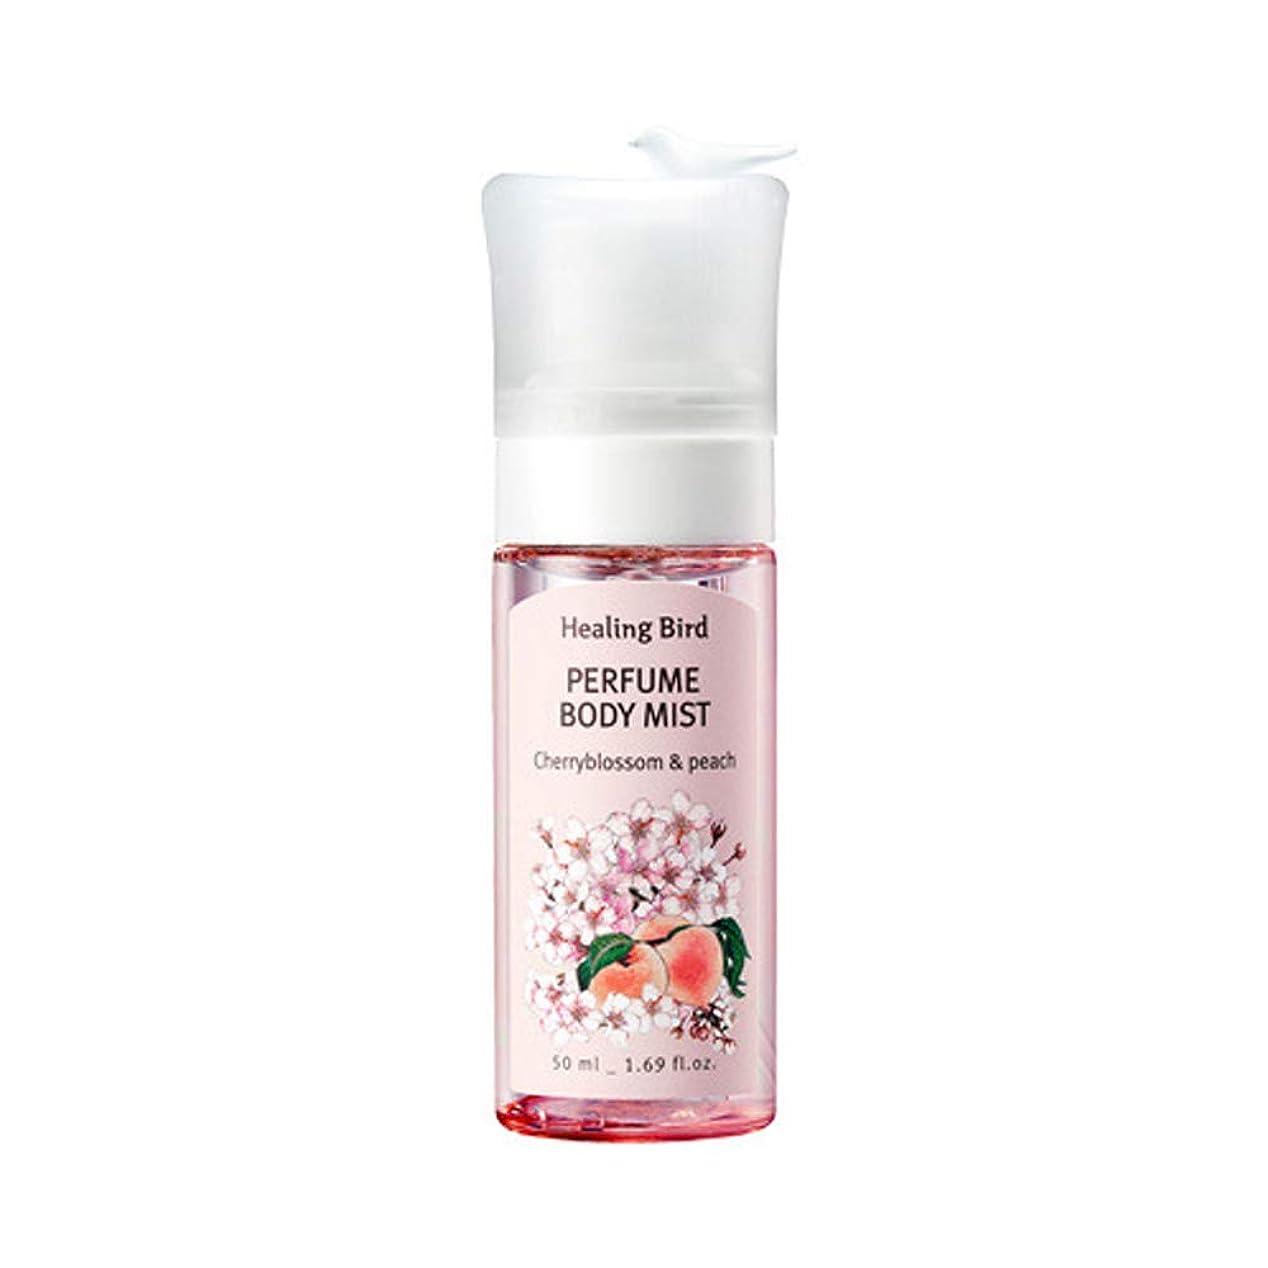 翻訳トラクター絶対にHealing Bird Perfume Body Mist 50ml パヒュームボディミスト (Cherry Blossom & Peach) [並行輸入品]